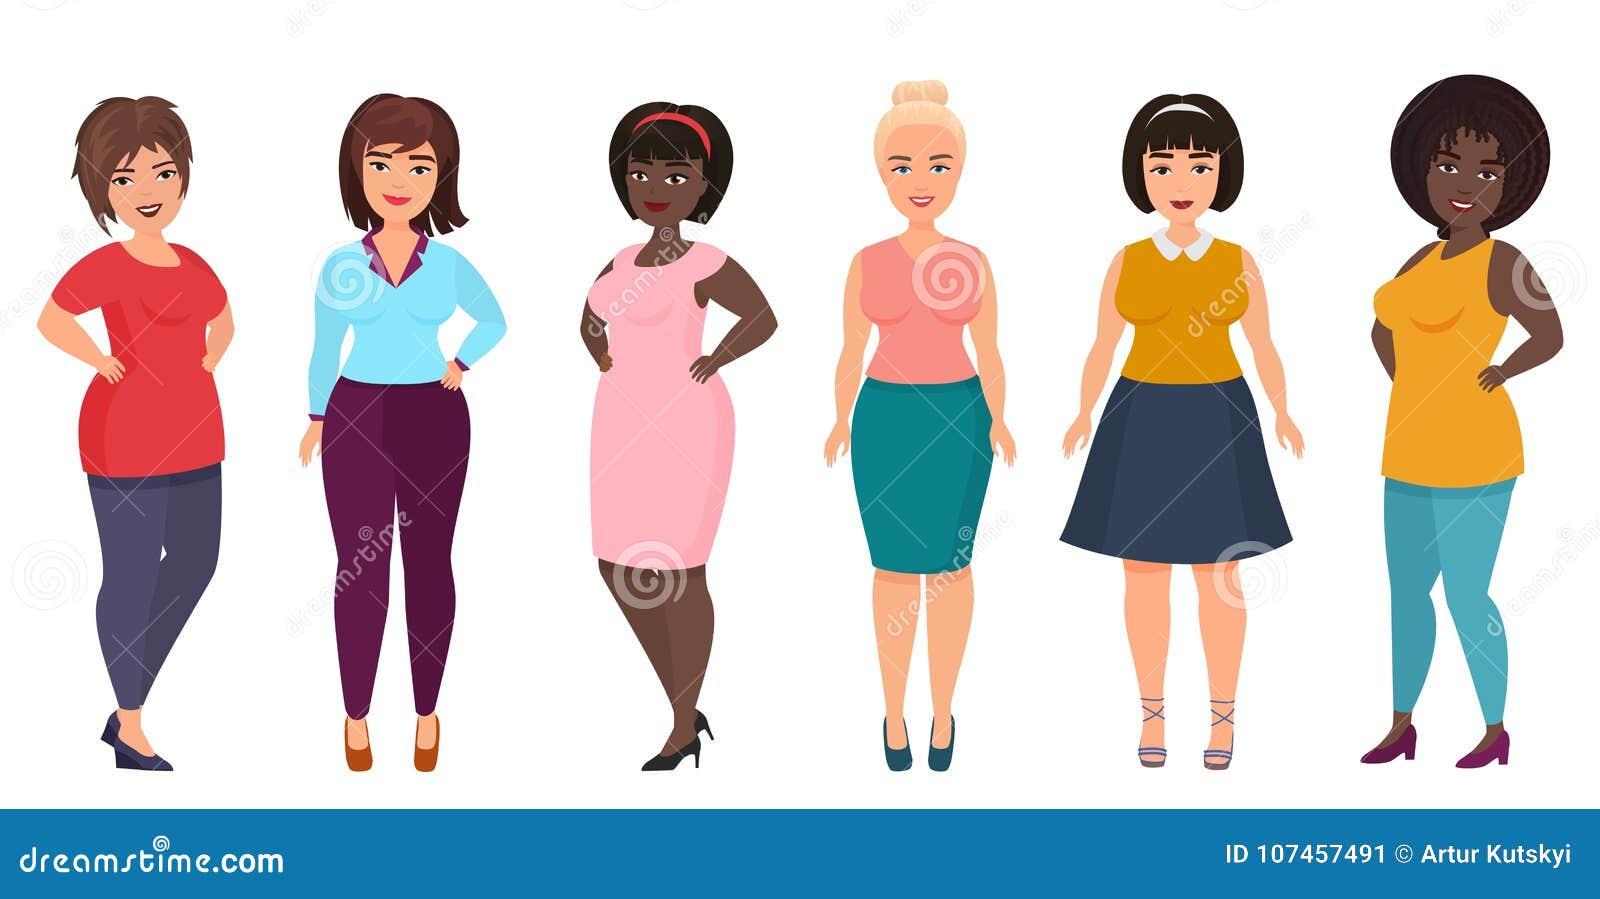 Moda de la mujer del tamaño extra grande del vector La muchacha femenina Curvy, gorda en ropa informal viste